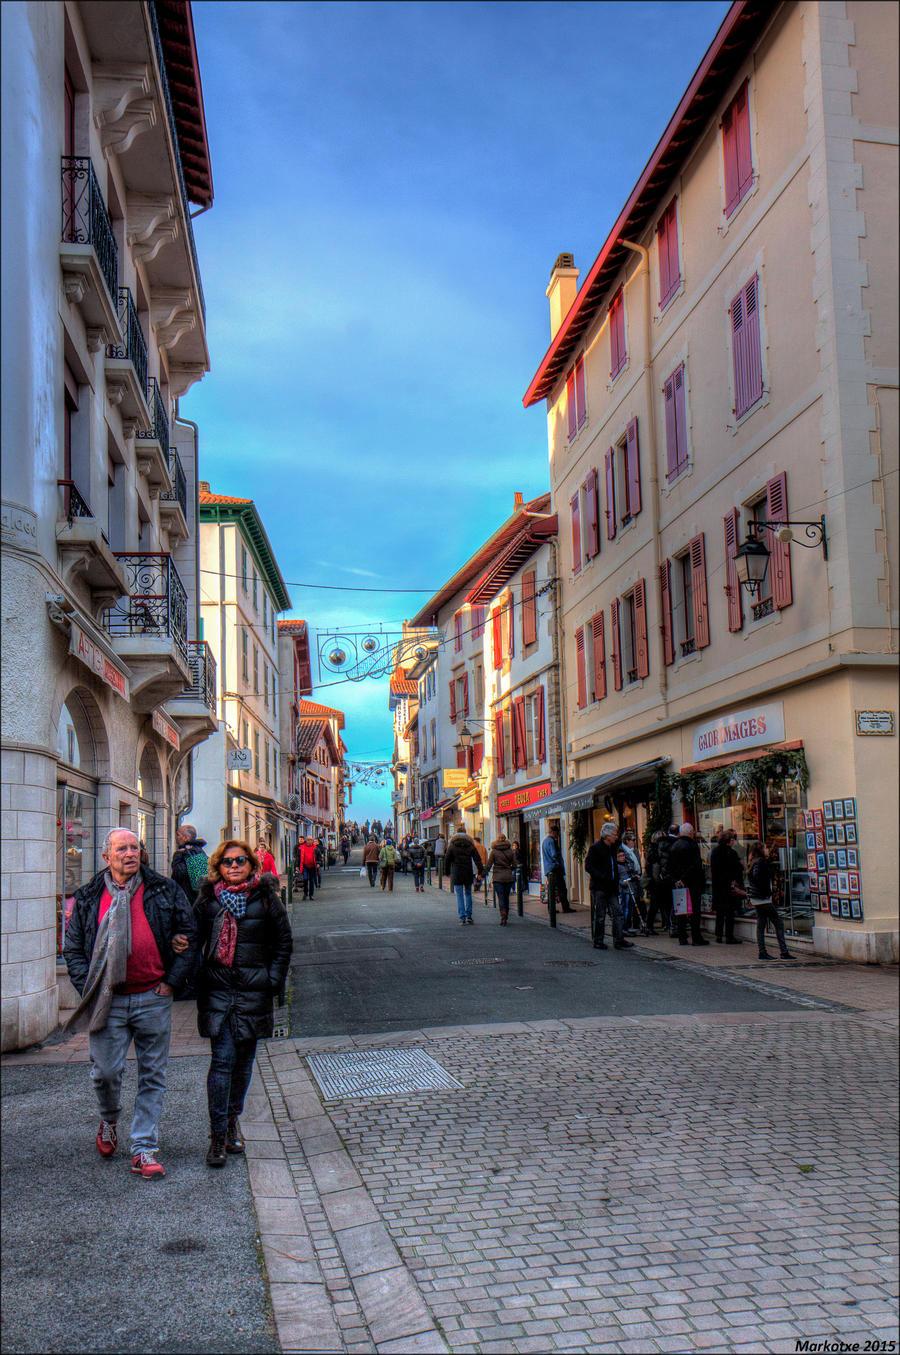 Rue Joseph Garat by Markotxe